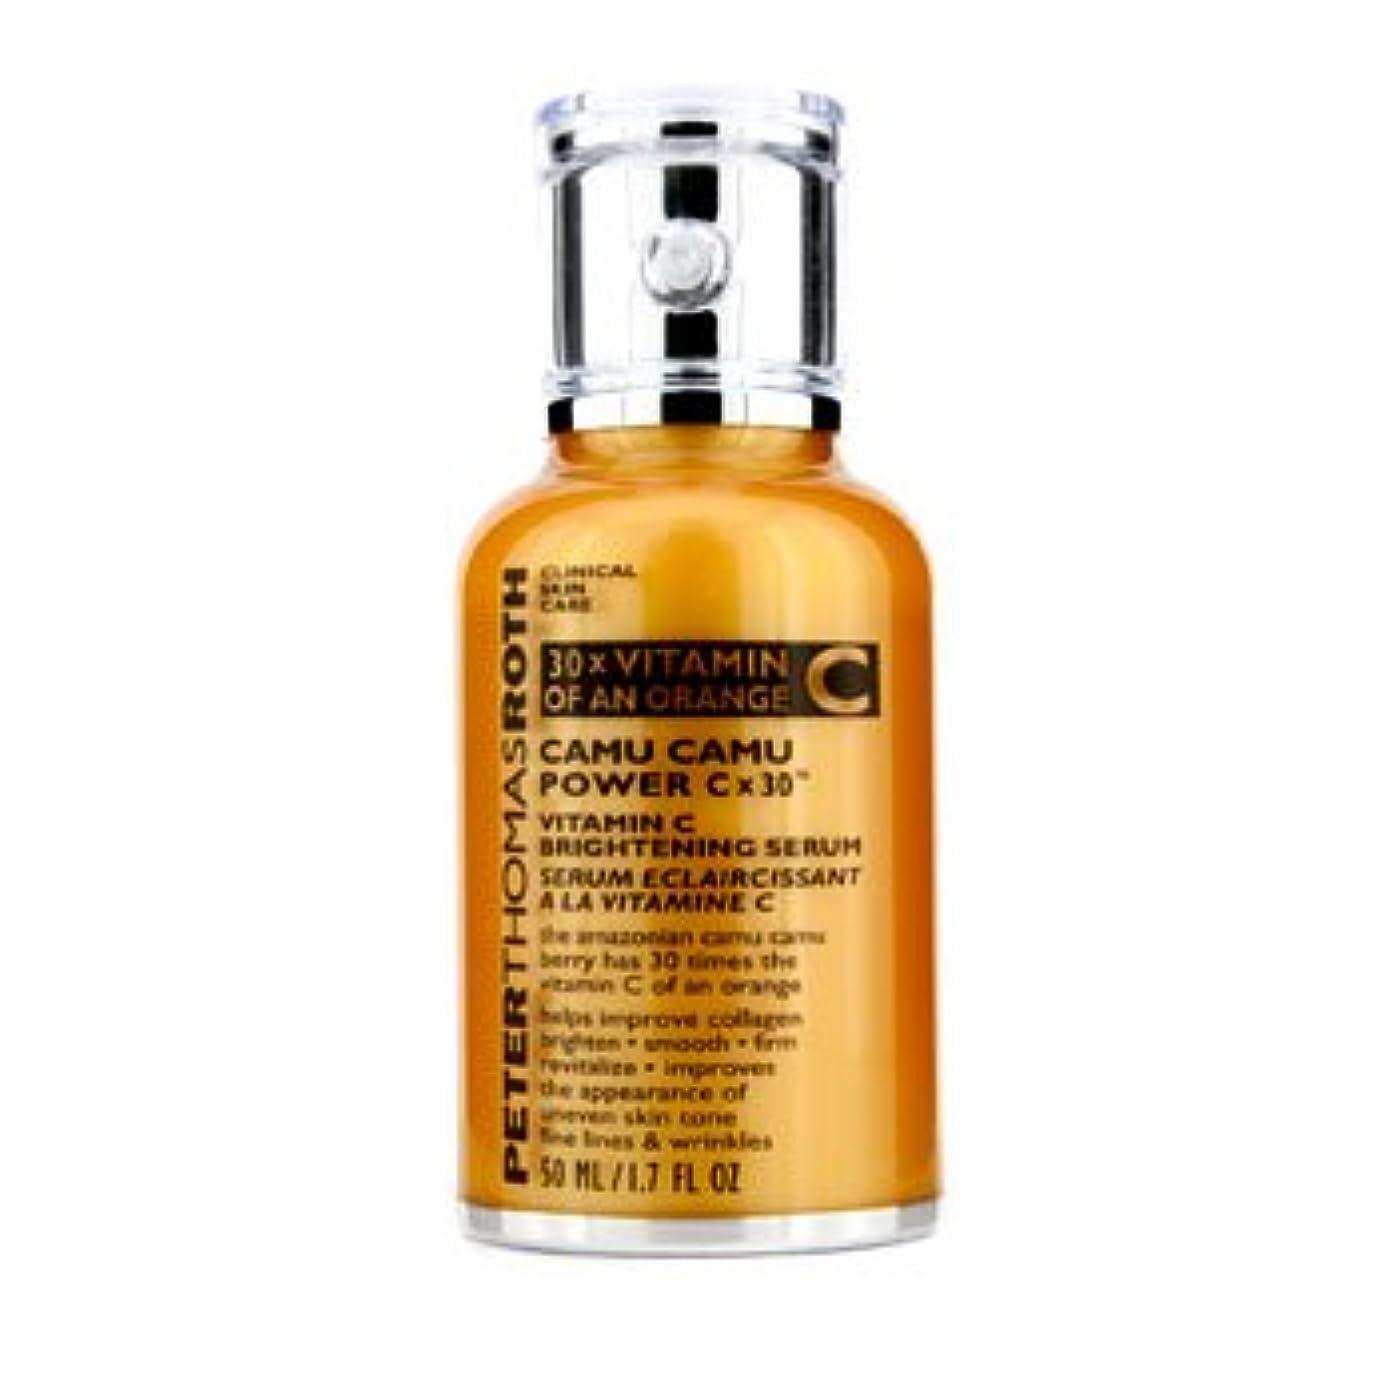 七面鳥症状クラウン[Peter Thomas Roth] Camu Camu Power Cx30 Vitamin C Brightening Serum 50ml/1.7oz